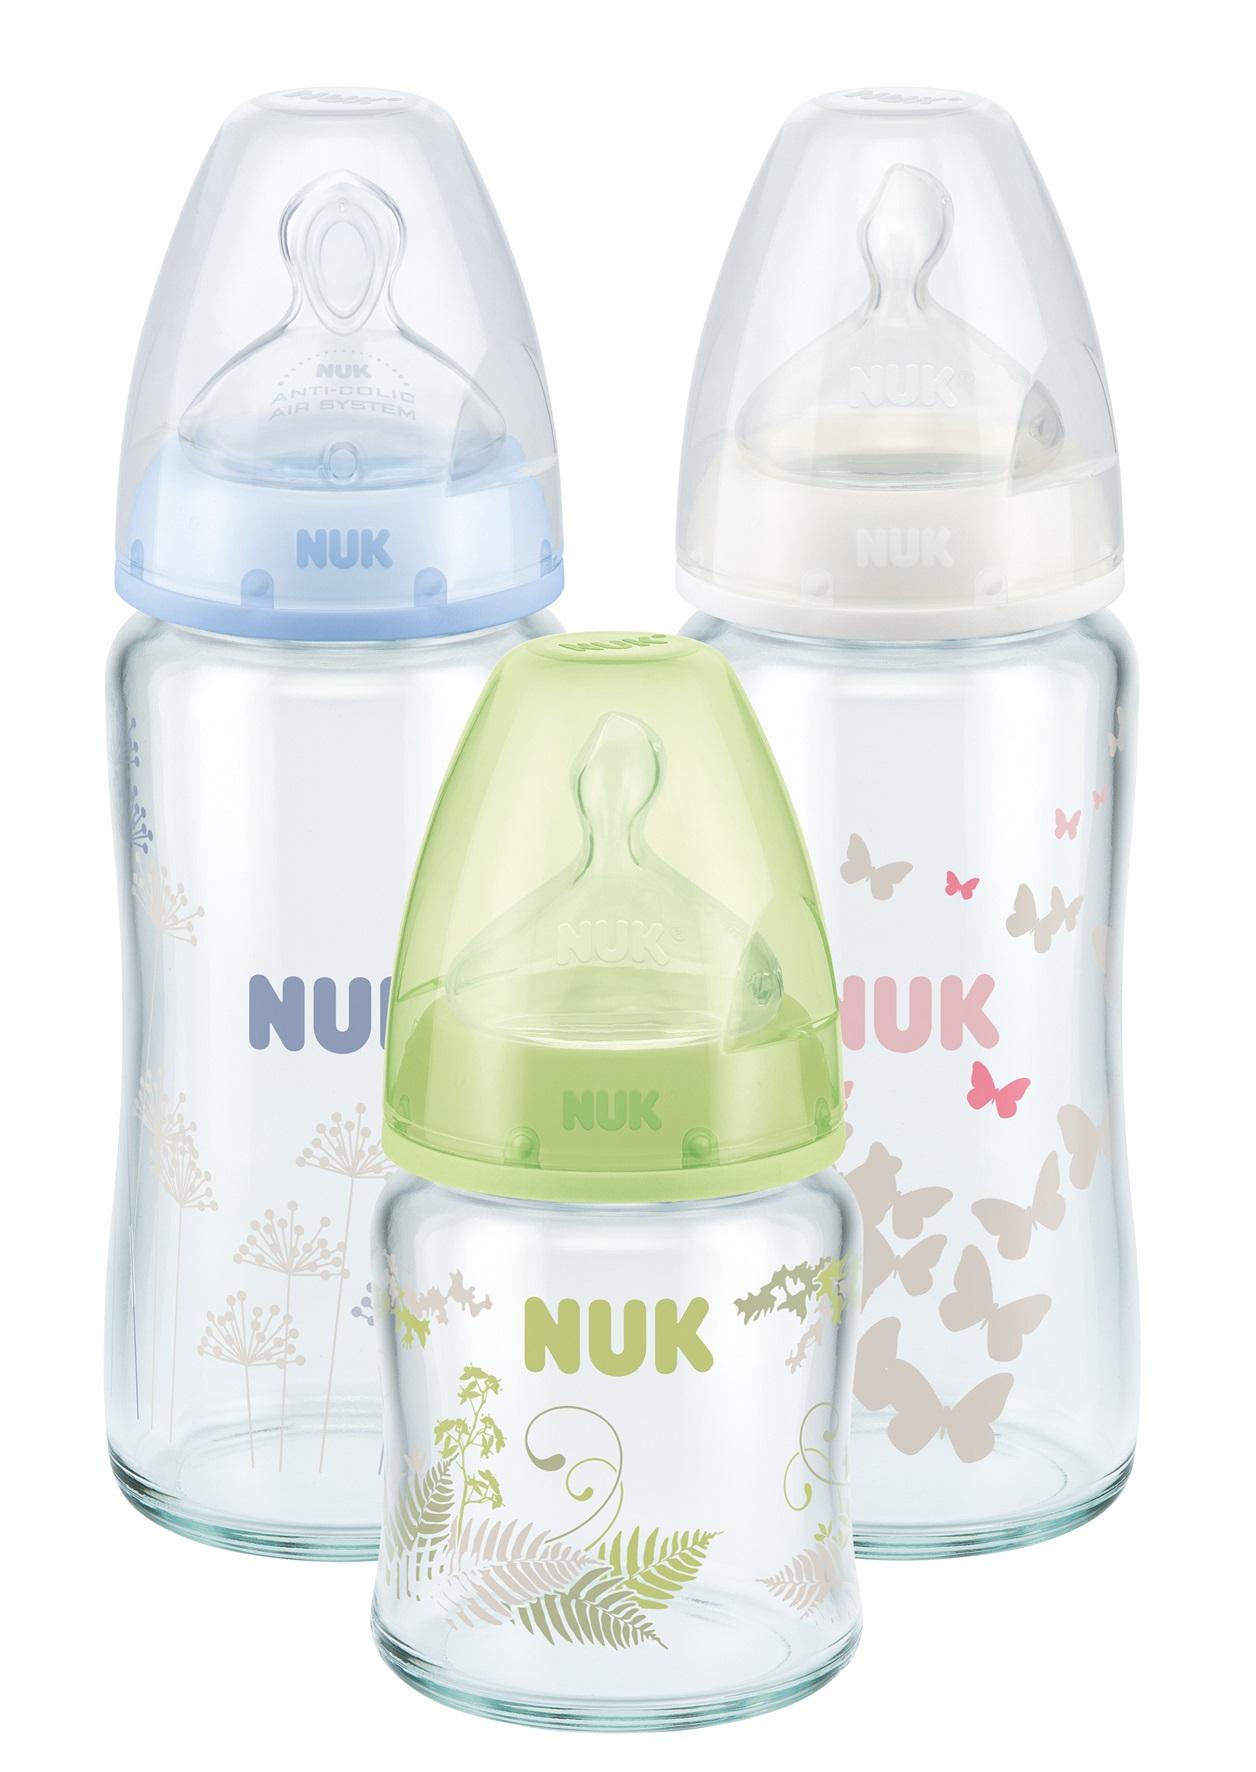 Nuk Glass Reviews Productreview Com Au